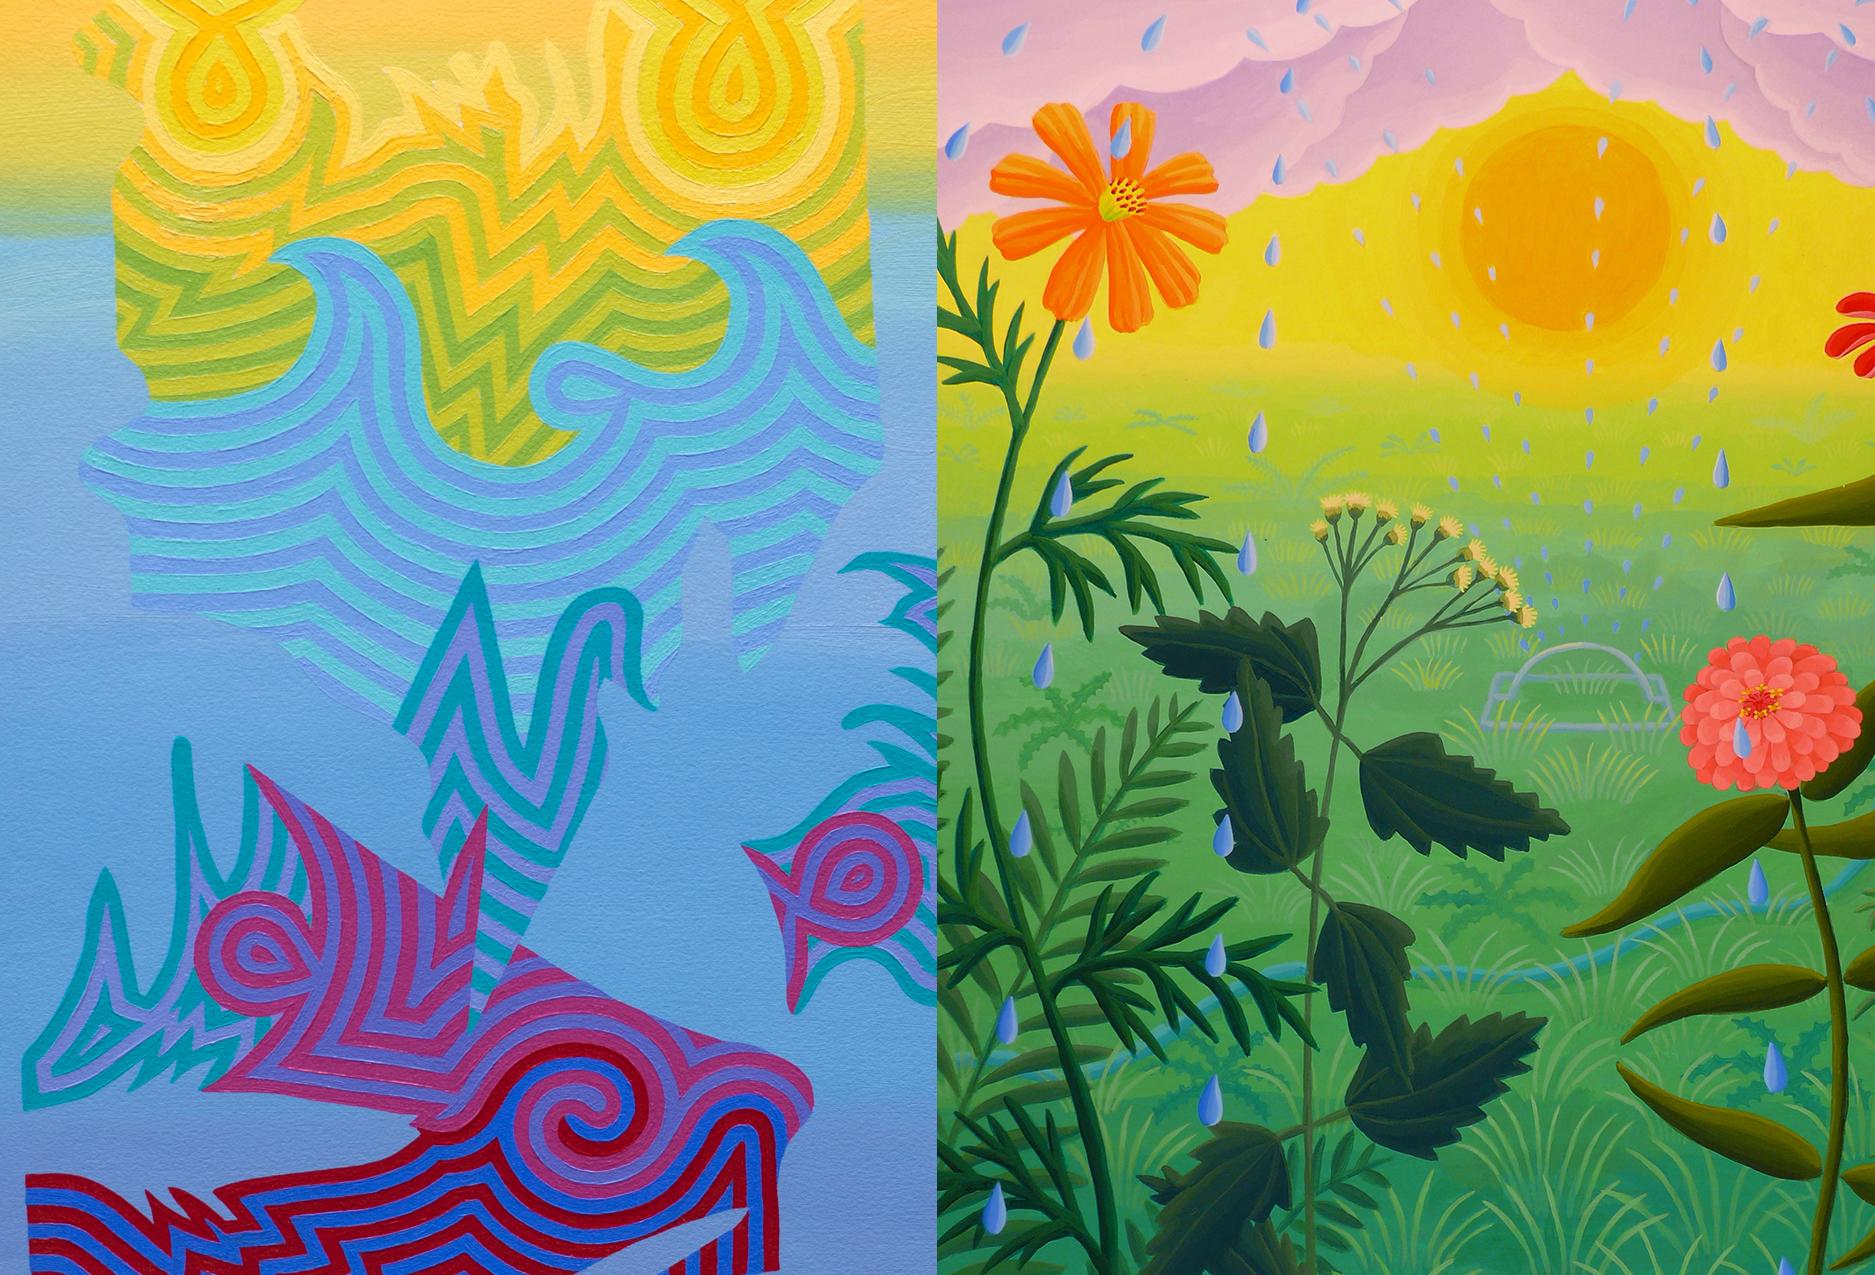 PerennialVisions_postcard2.jpg